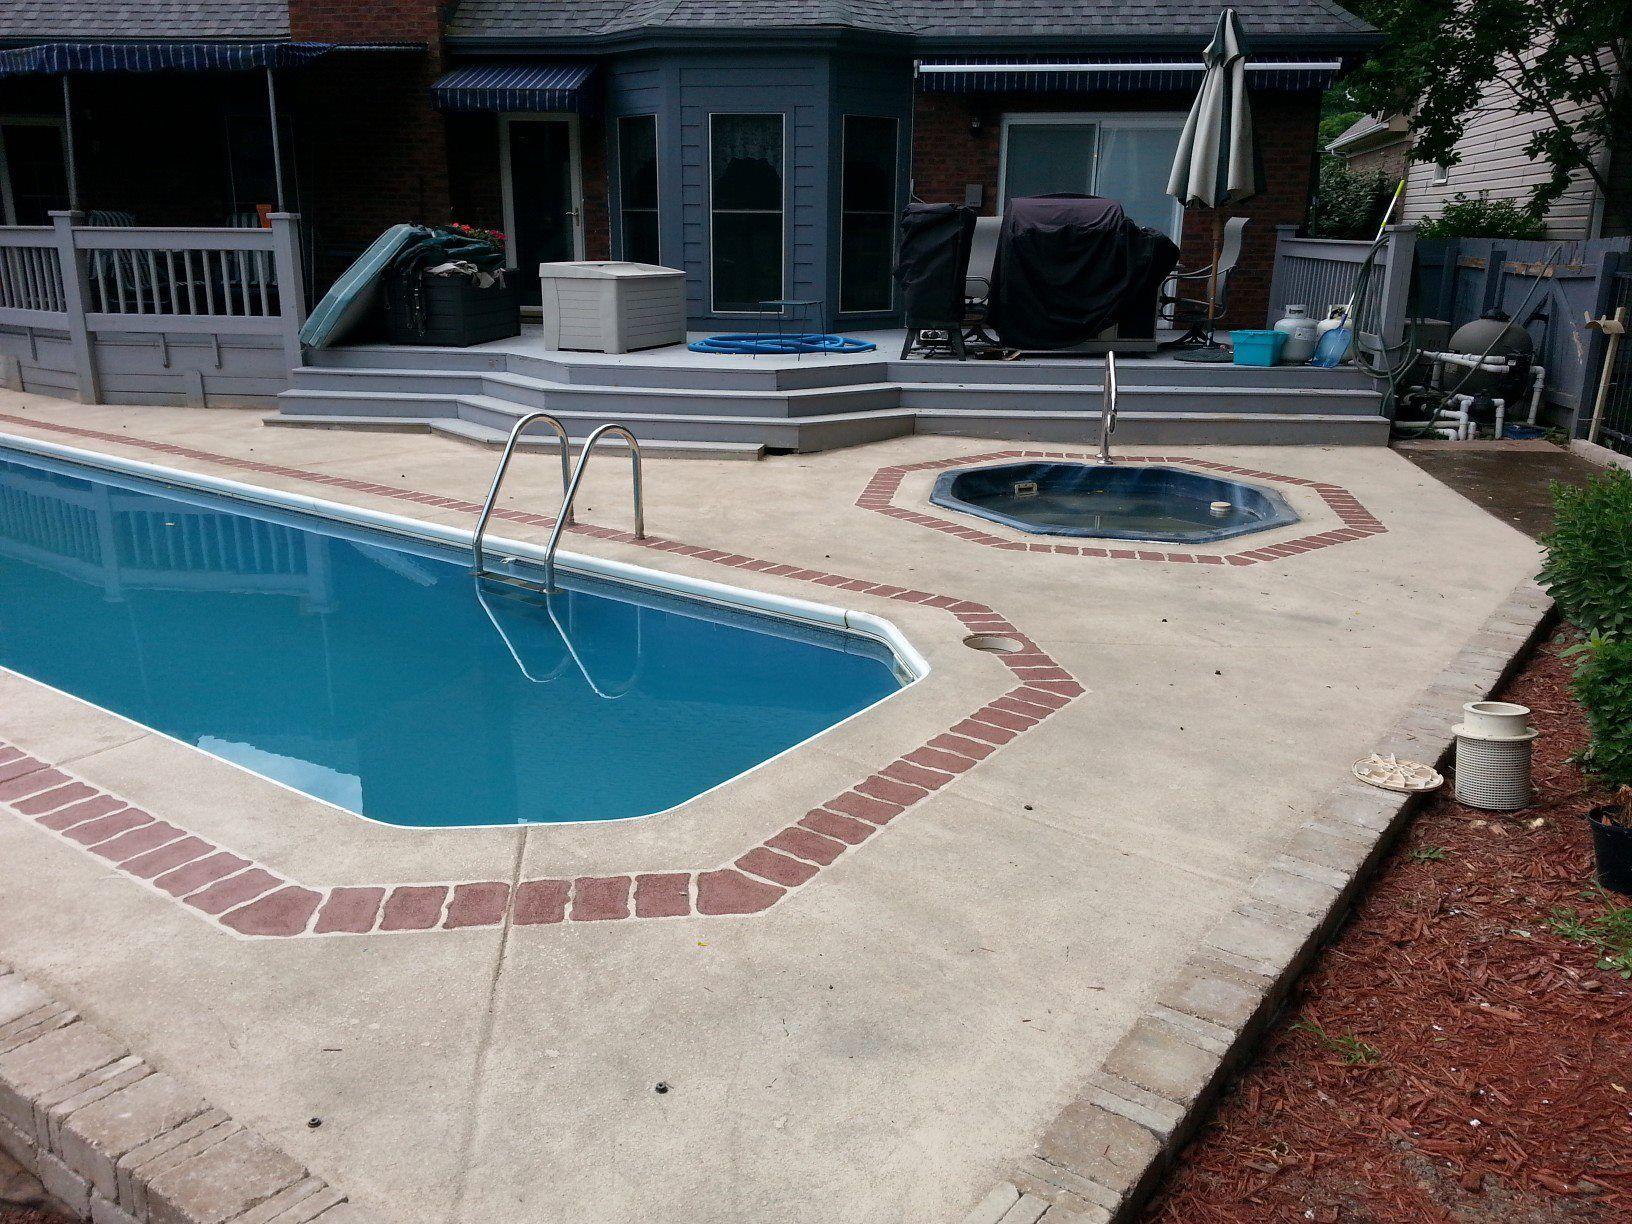 Charming Erkunde Pool Terrasse, Dekorativer Beton Und Noch Mehr! Maybe Add Stone  Inlay In Pool Outline